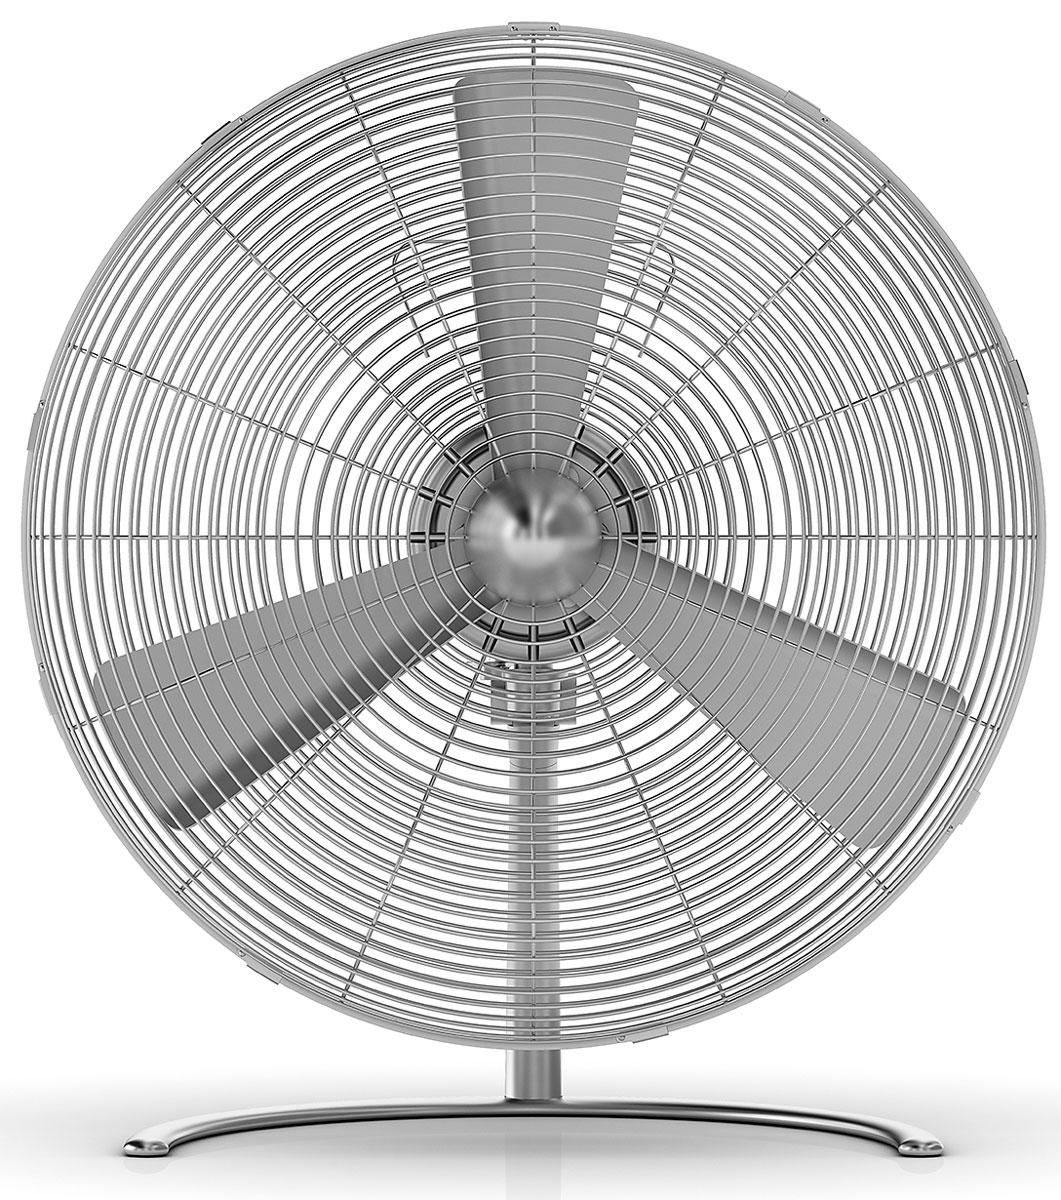 Stadler Form Charly Fan Table New, Silver вентилятор настольный0802322002867Усовершенствованная версия культового вентилятора Charly - Charly New. Теперь у этой ветряной машины есть поворотный режим, благодаря которому охлажденный воздух равномерно распределяется по комнате. В сочетании с регулировкой наклона и высоты позволяет точно настроить направление освежающего бриза. Дизайн Charly навевает образы самолетов XX века, запечатленных в творчестве Ричарда Баха. При этом вентилятор не выглядит старомодно, а ретро выражается исключительно тонкими намеками, без нарочитой стилизации. Все это результат совместной работы команды Stadler Form и швейцарского дизайнера Матти Уолкера. Сходство с турбиной самолета создается не только авторским дизайном, но и производительностью под стать воздушному судну. Три алюминиевые лопасти Charly перегоняют до 2400 м3 в час. Это обеспечивает активную циркуляцию воздуха, чувство свежести и комфорта в помещении. Крепкий парень Charly сделан полностью из металла: цинк, алюминий и матовое...